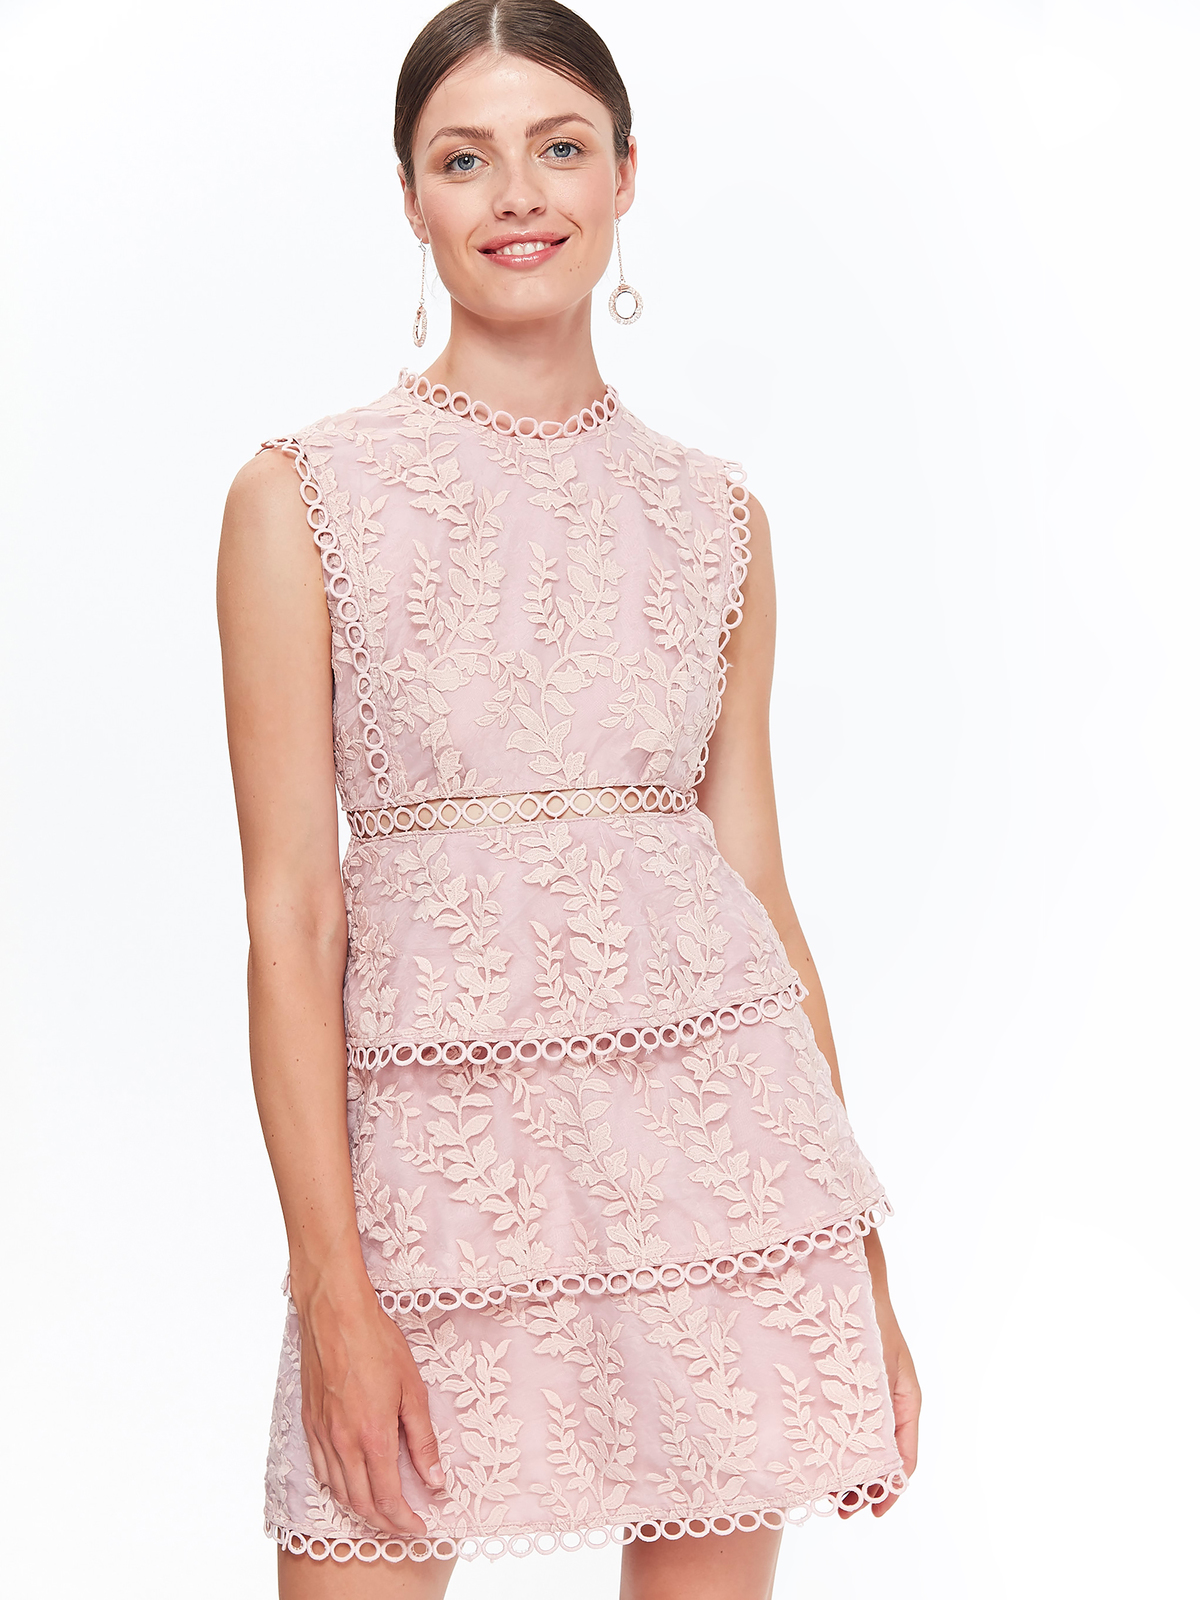 TOP SECRET TOP SECRET κομψο φορεμα με δαντελα